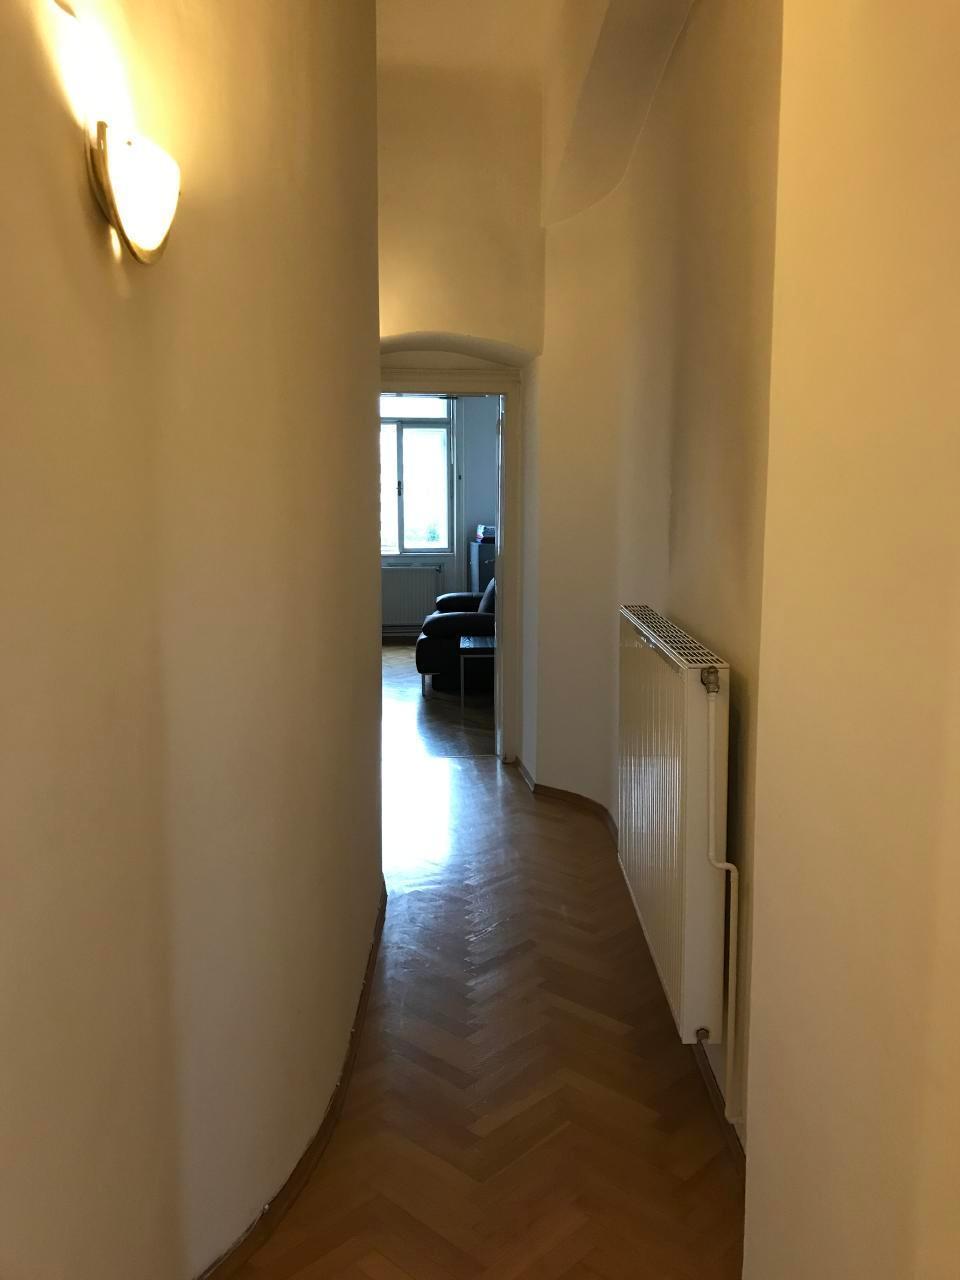 Appartement de vacances Ferienwohnung (359405), Vienne, , Vienne, Autriche, image 9